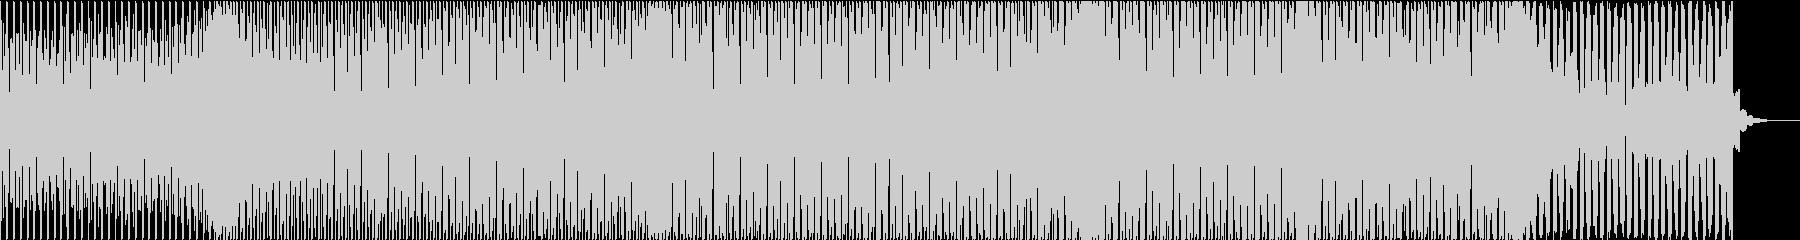 疾走感のあるシンプルなリフのEDMの未再生の波形